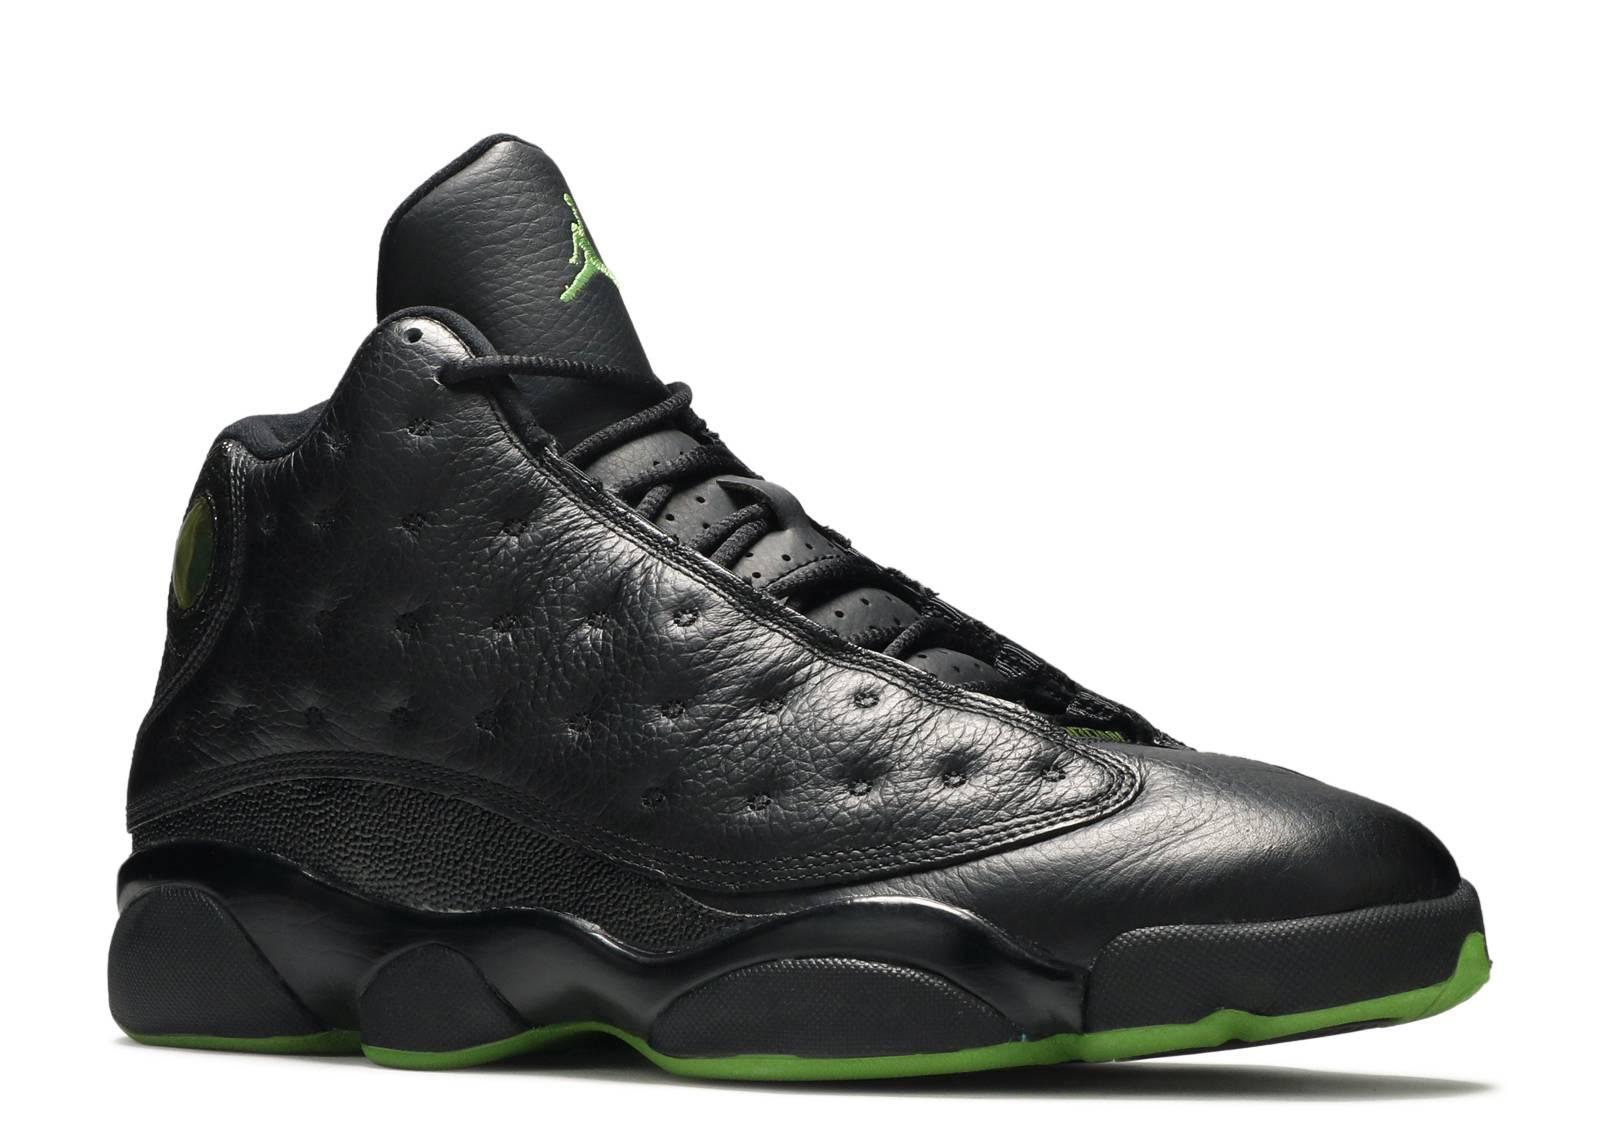 sports shoes 42262 016cc shop air jordan retro 13 todas oro e8938 c8da7